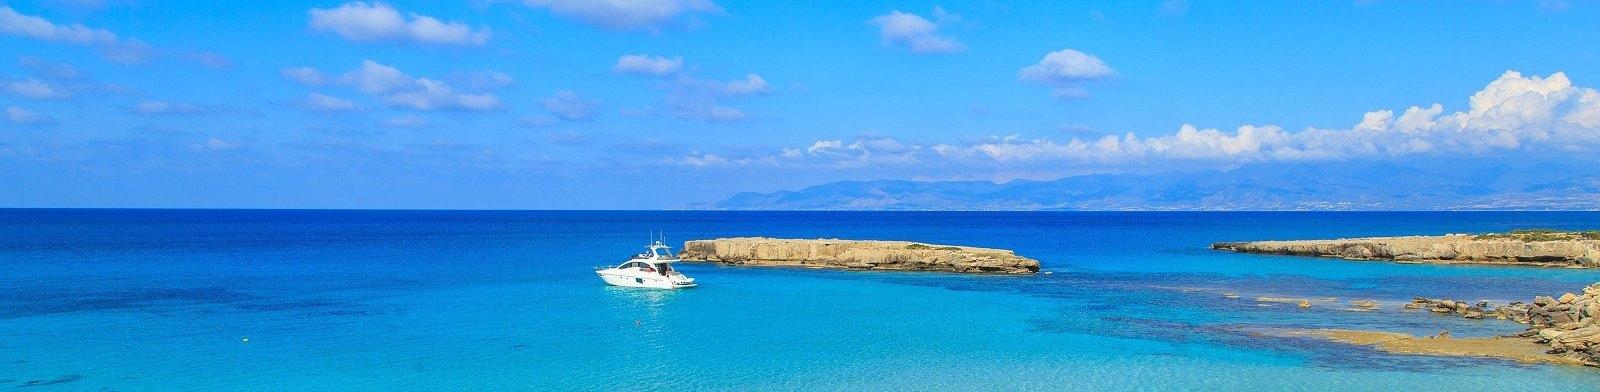 Blue Lagoon near Polis